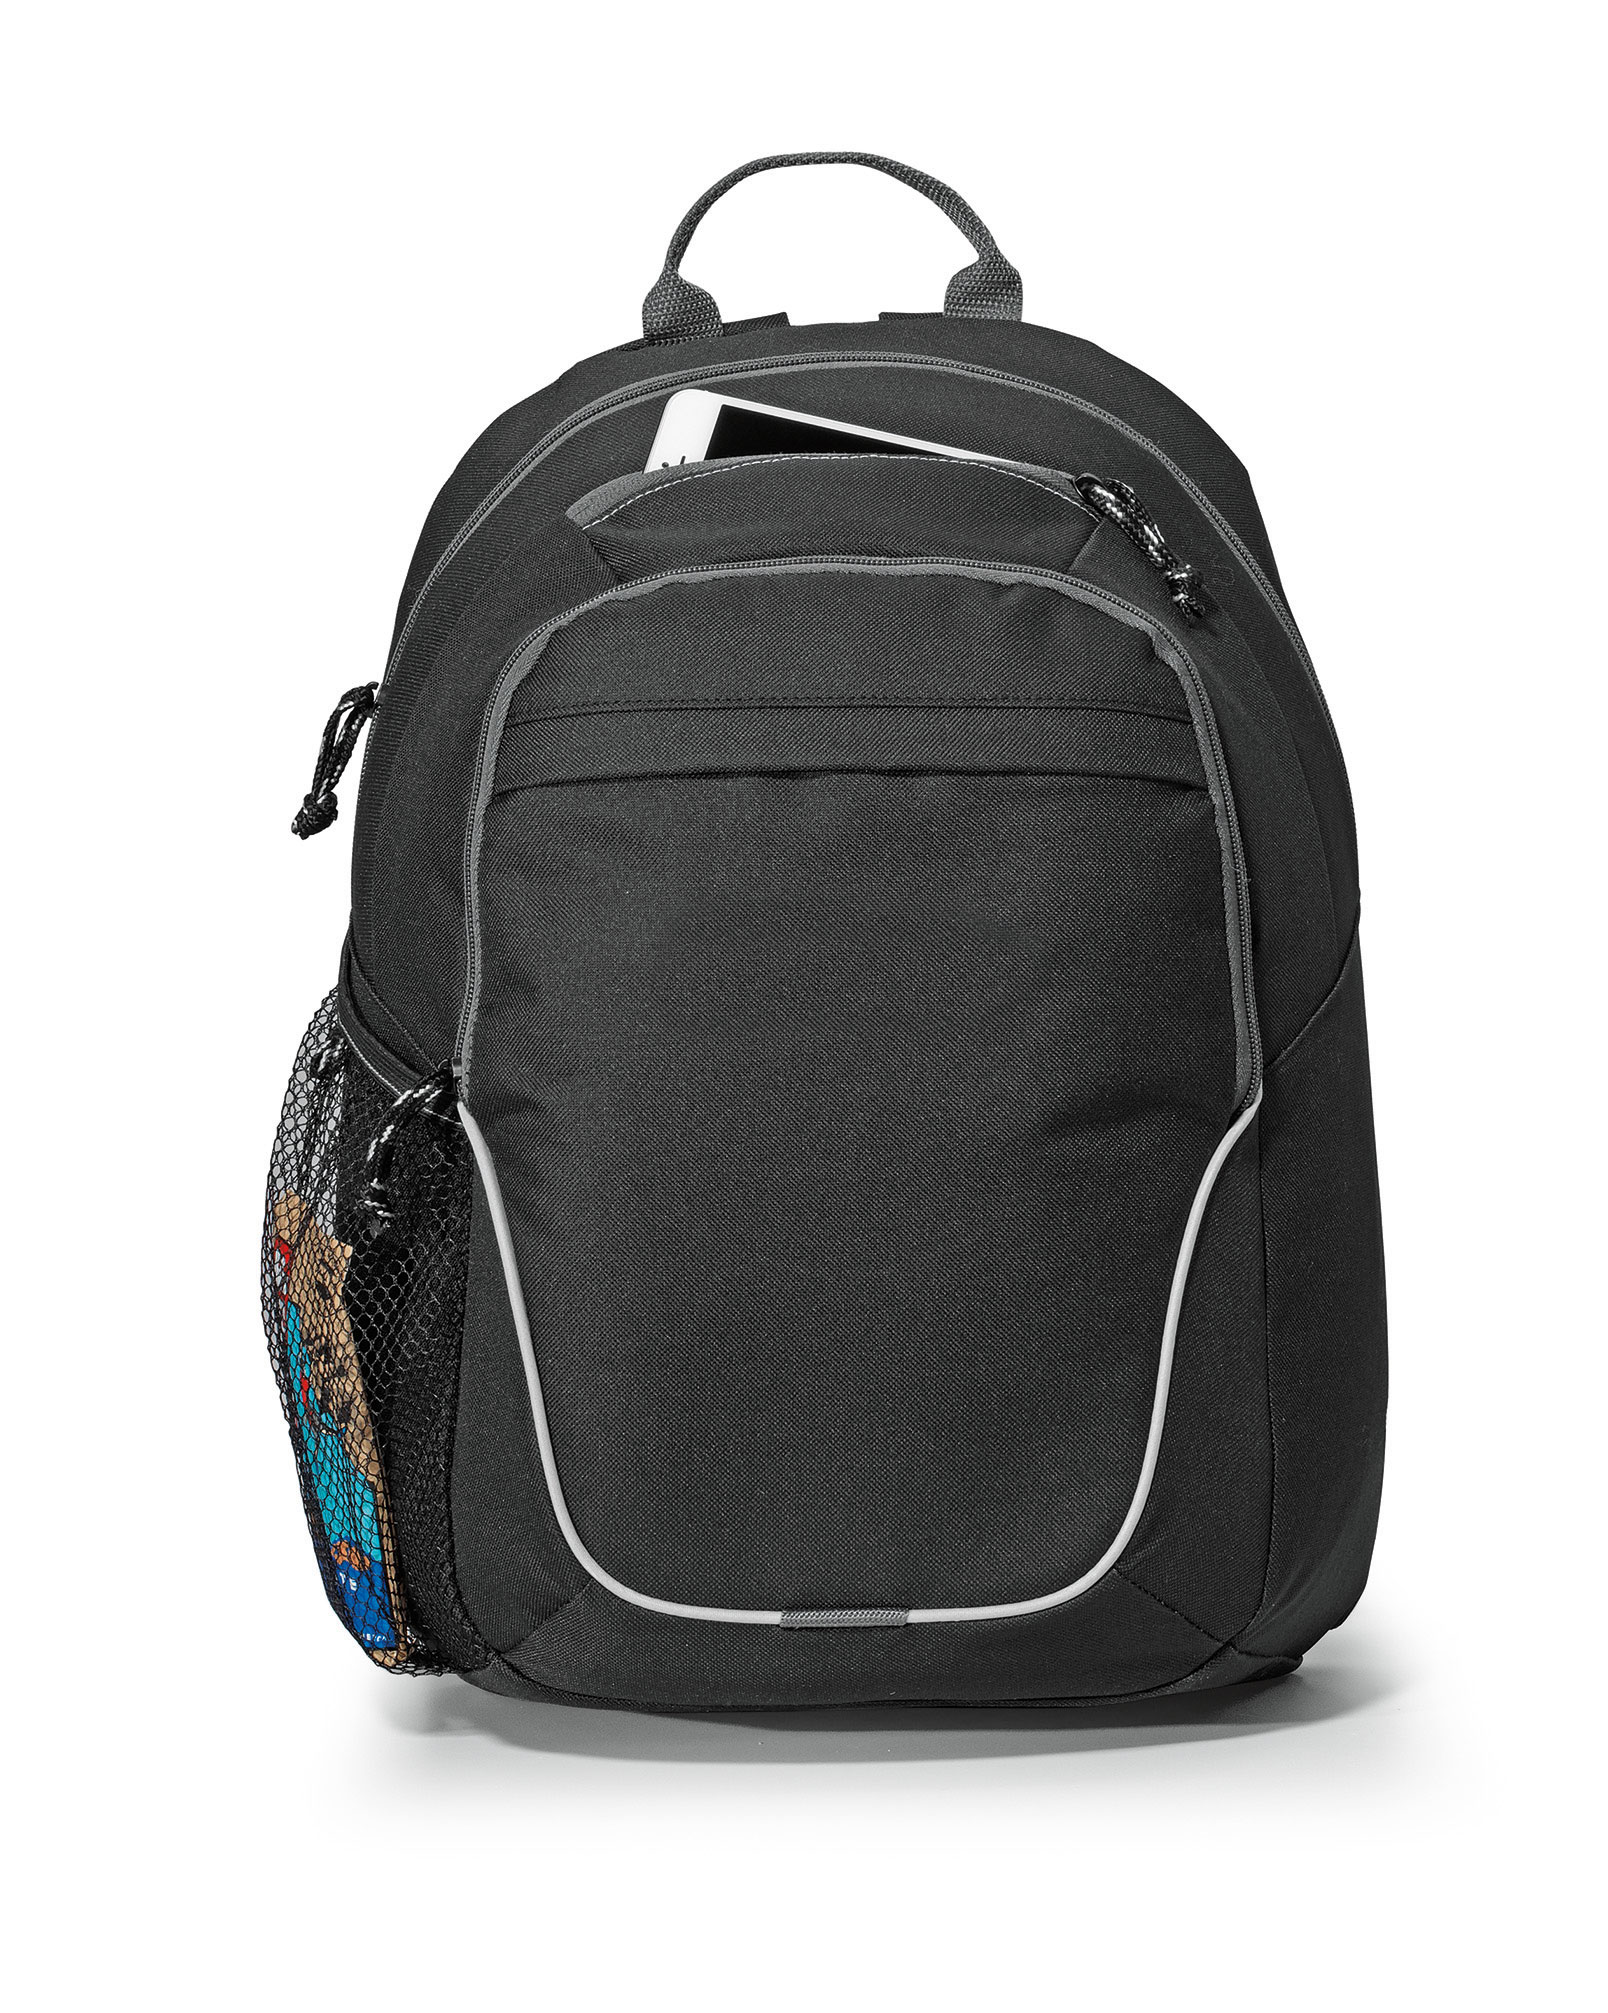 Gemline 5310 - Mission Backpack